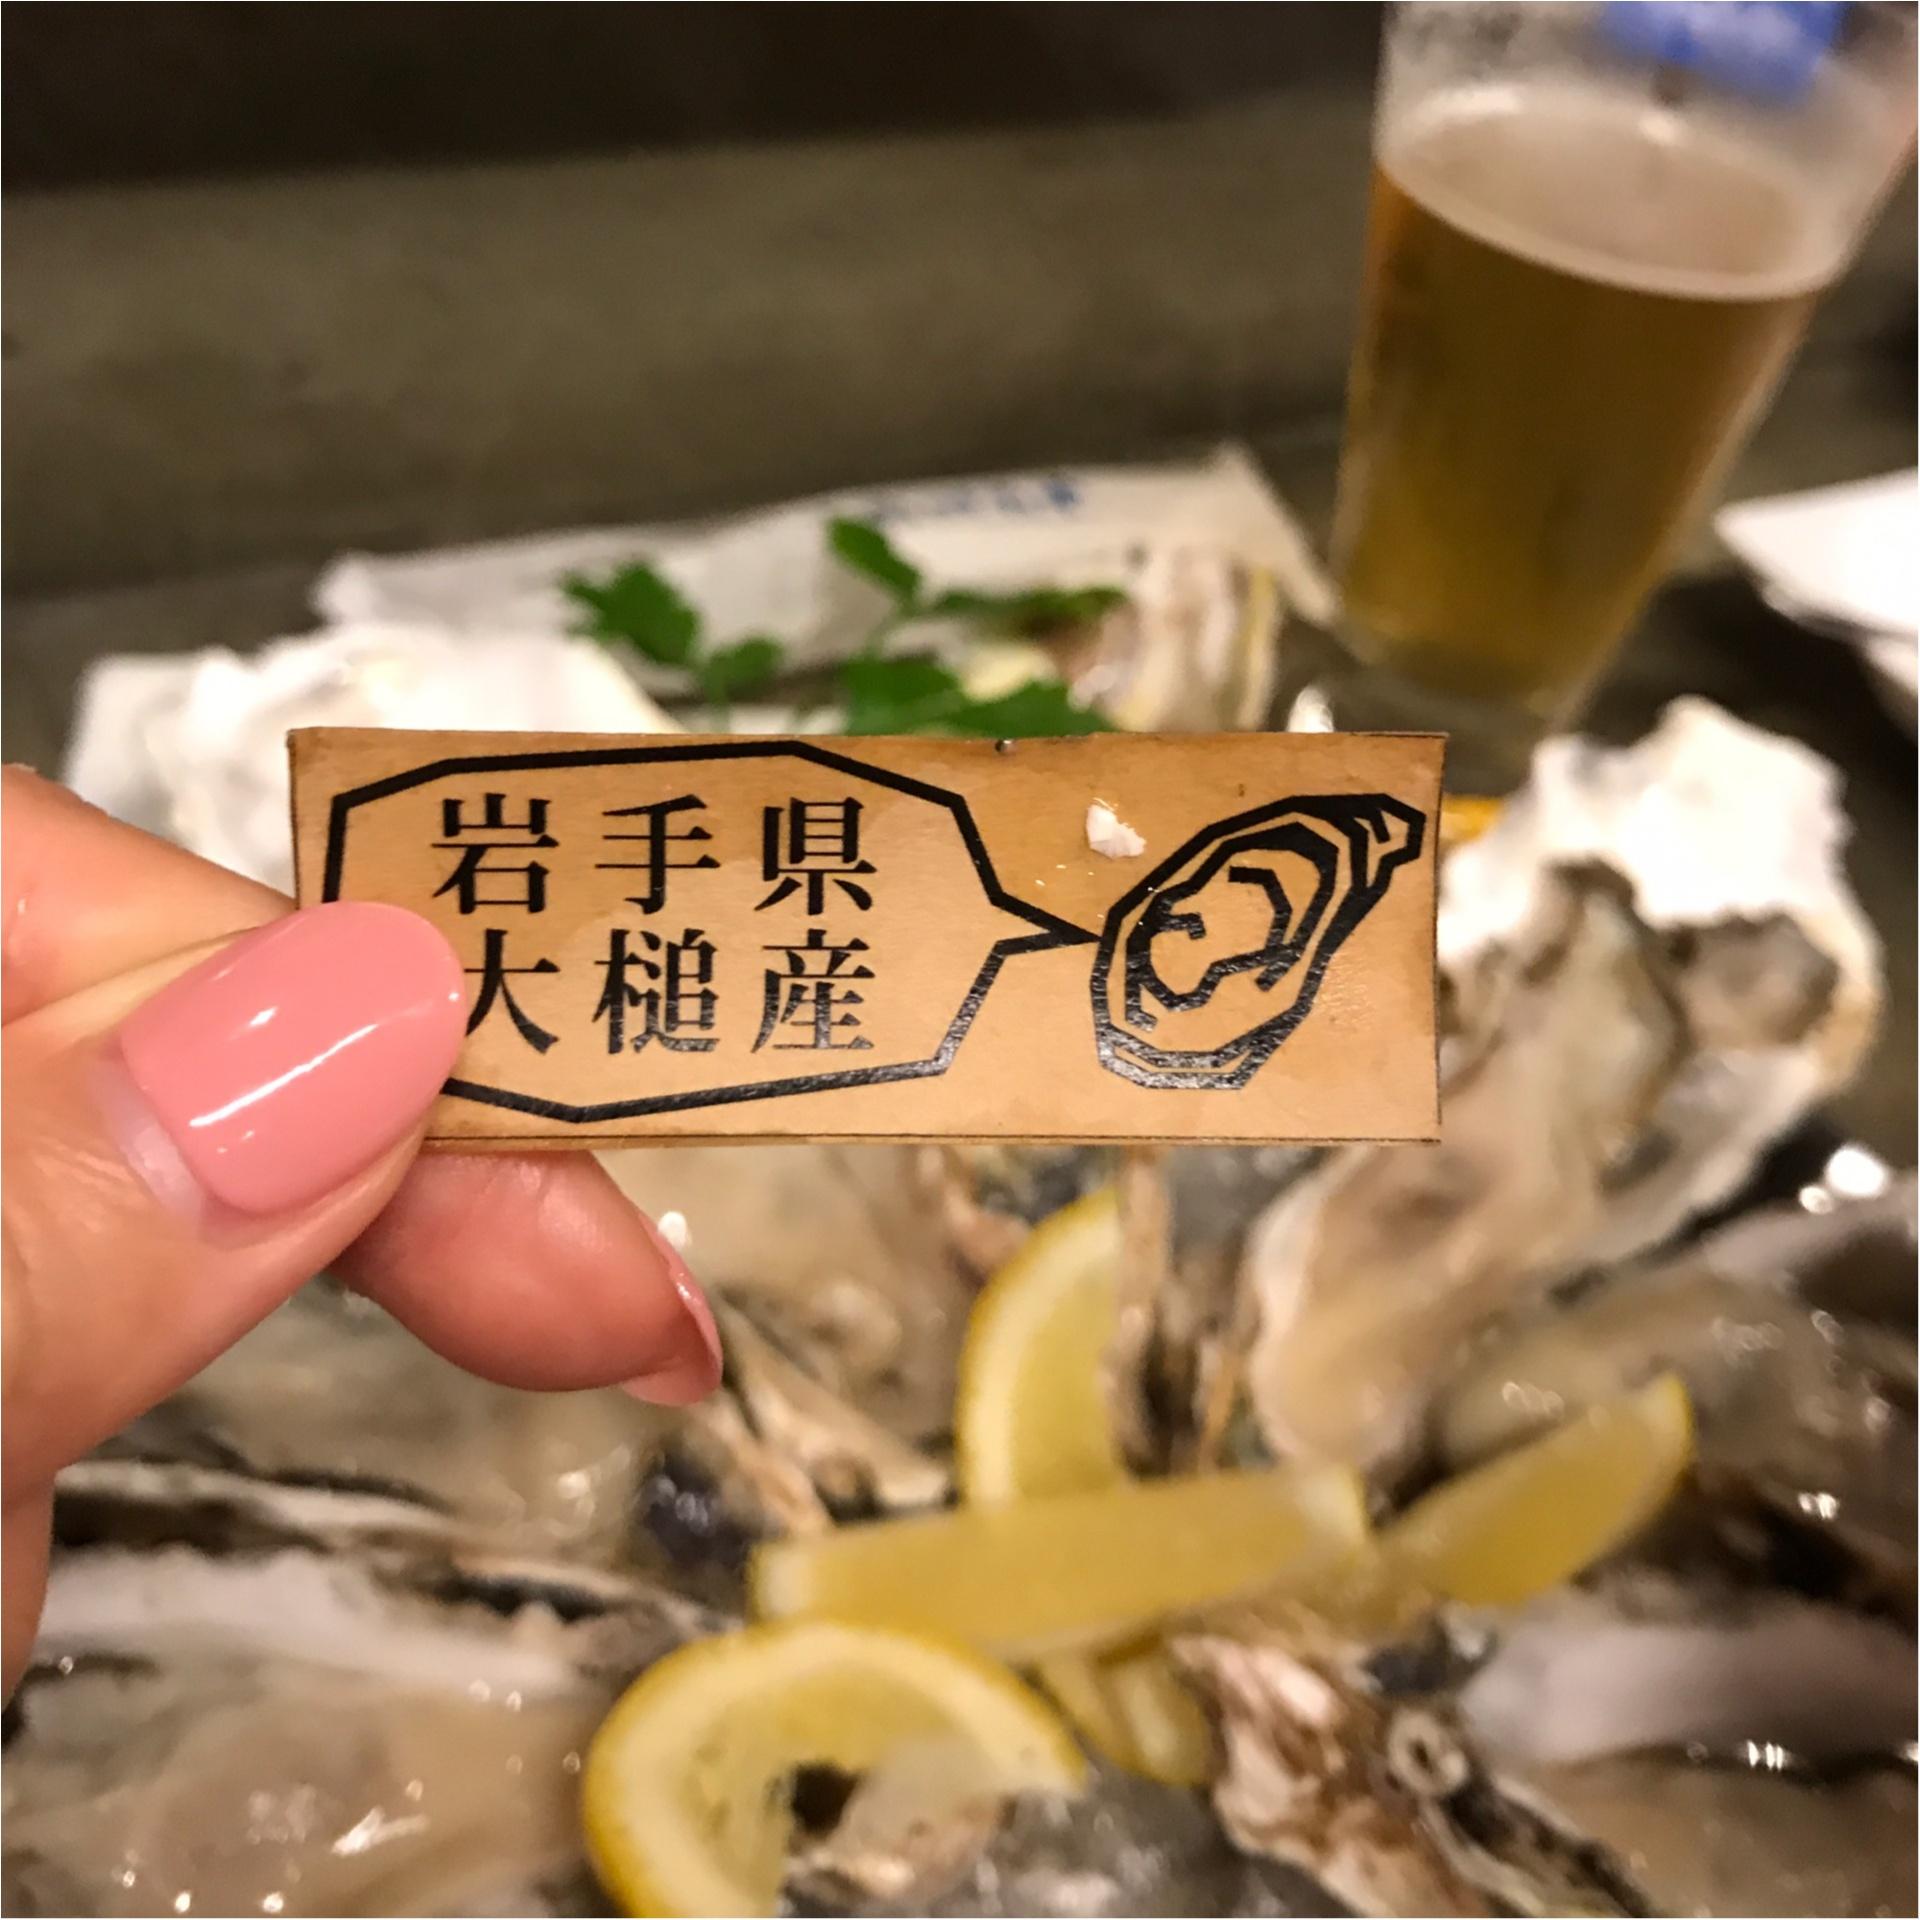 ★『R』の付く月到来!あの生牡蠣がなんと○○円で食べられてしまうお店があるんです!★_4